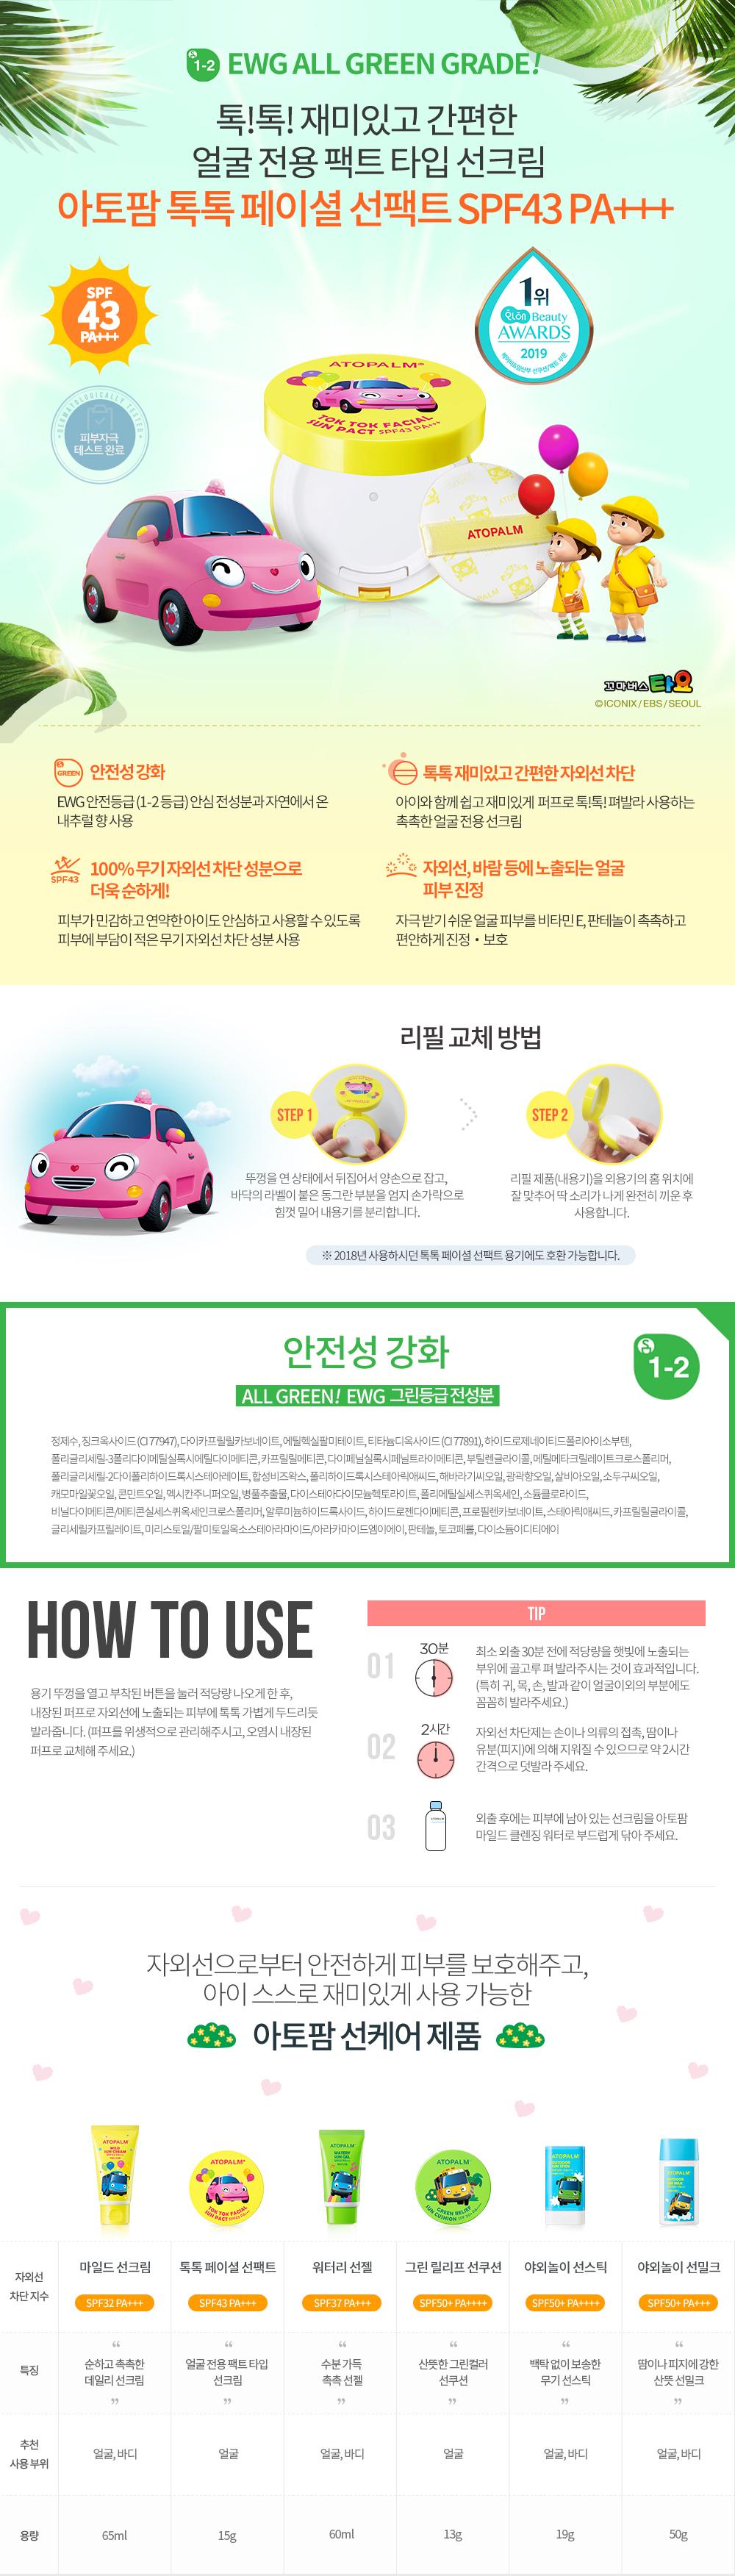 아토팜 톡톡 페이셜 선팩트